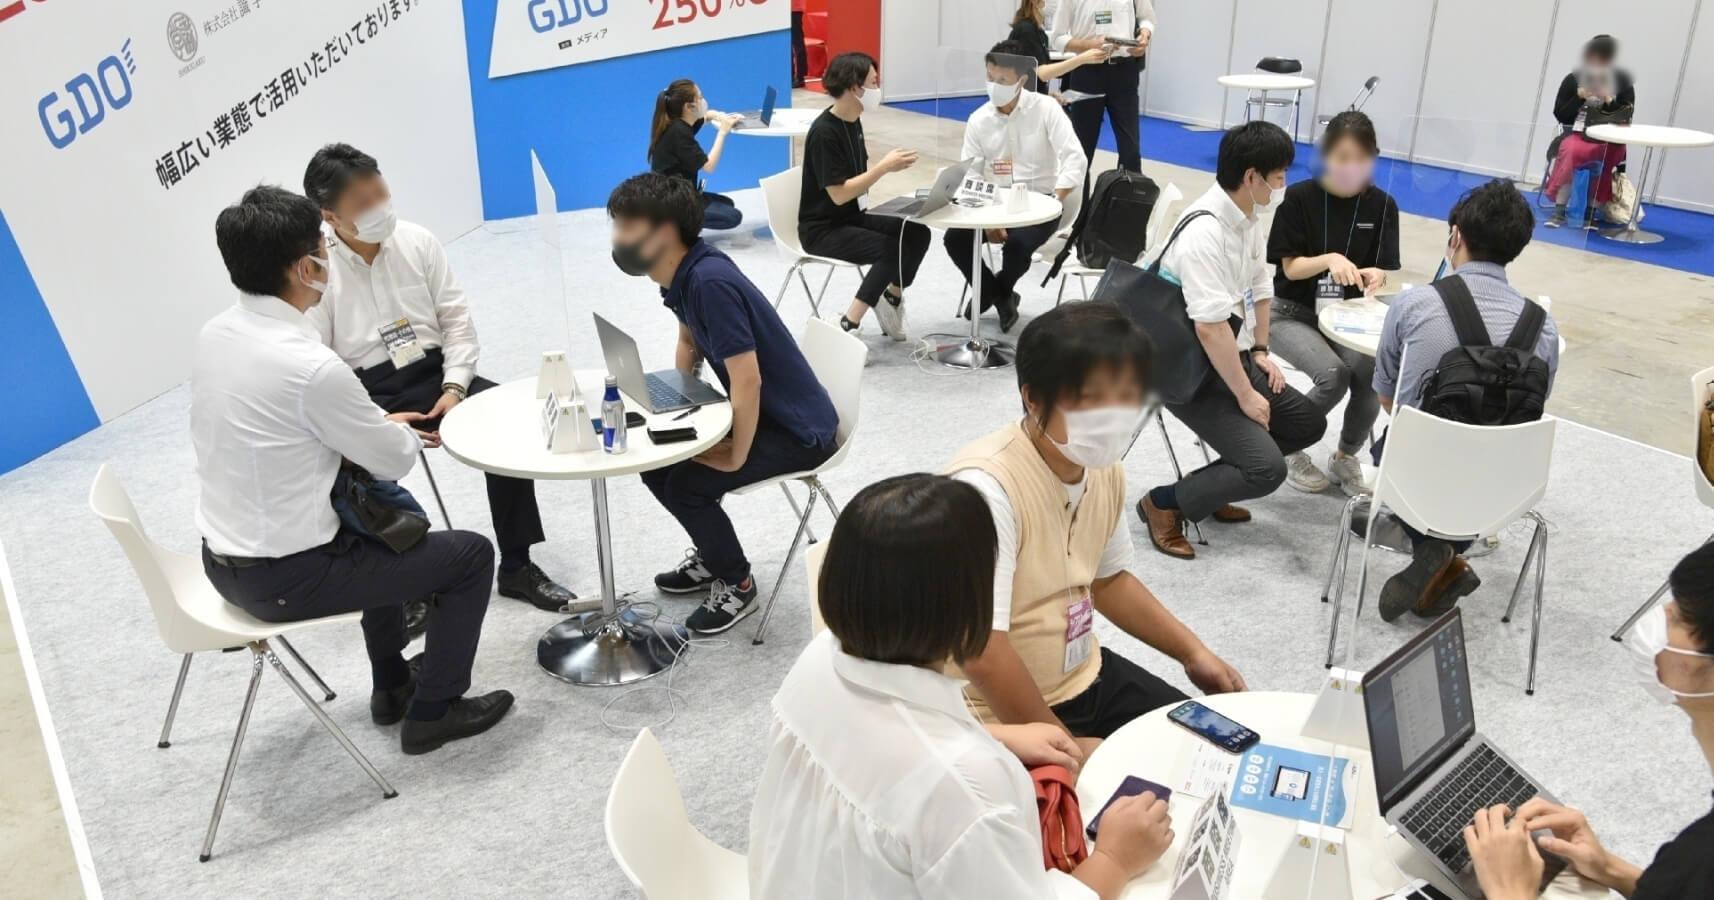 最新の海外向けマーケティングサービスが集結